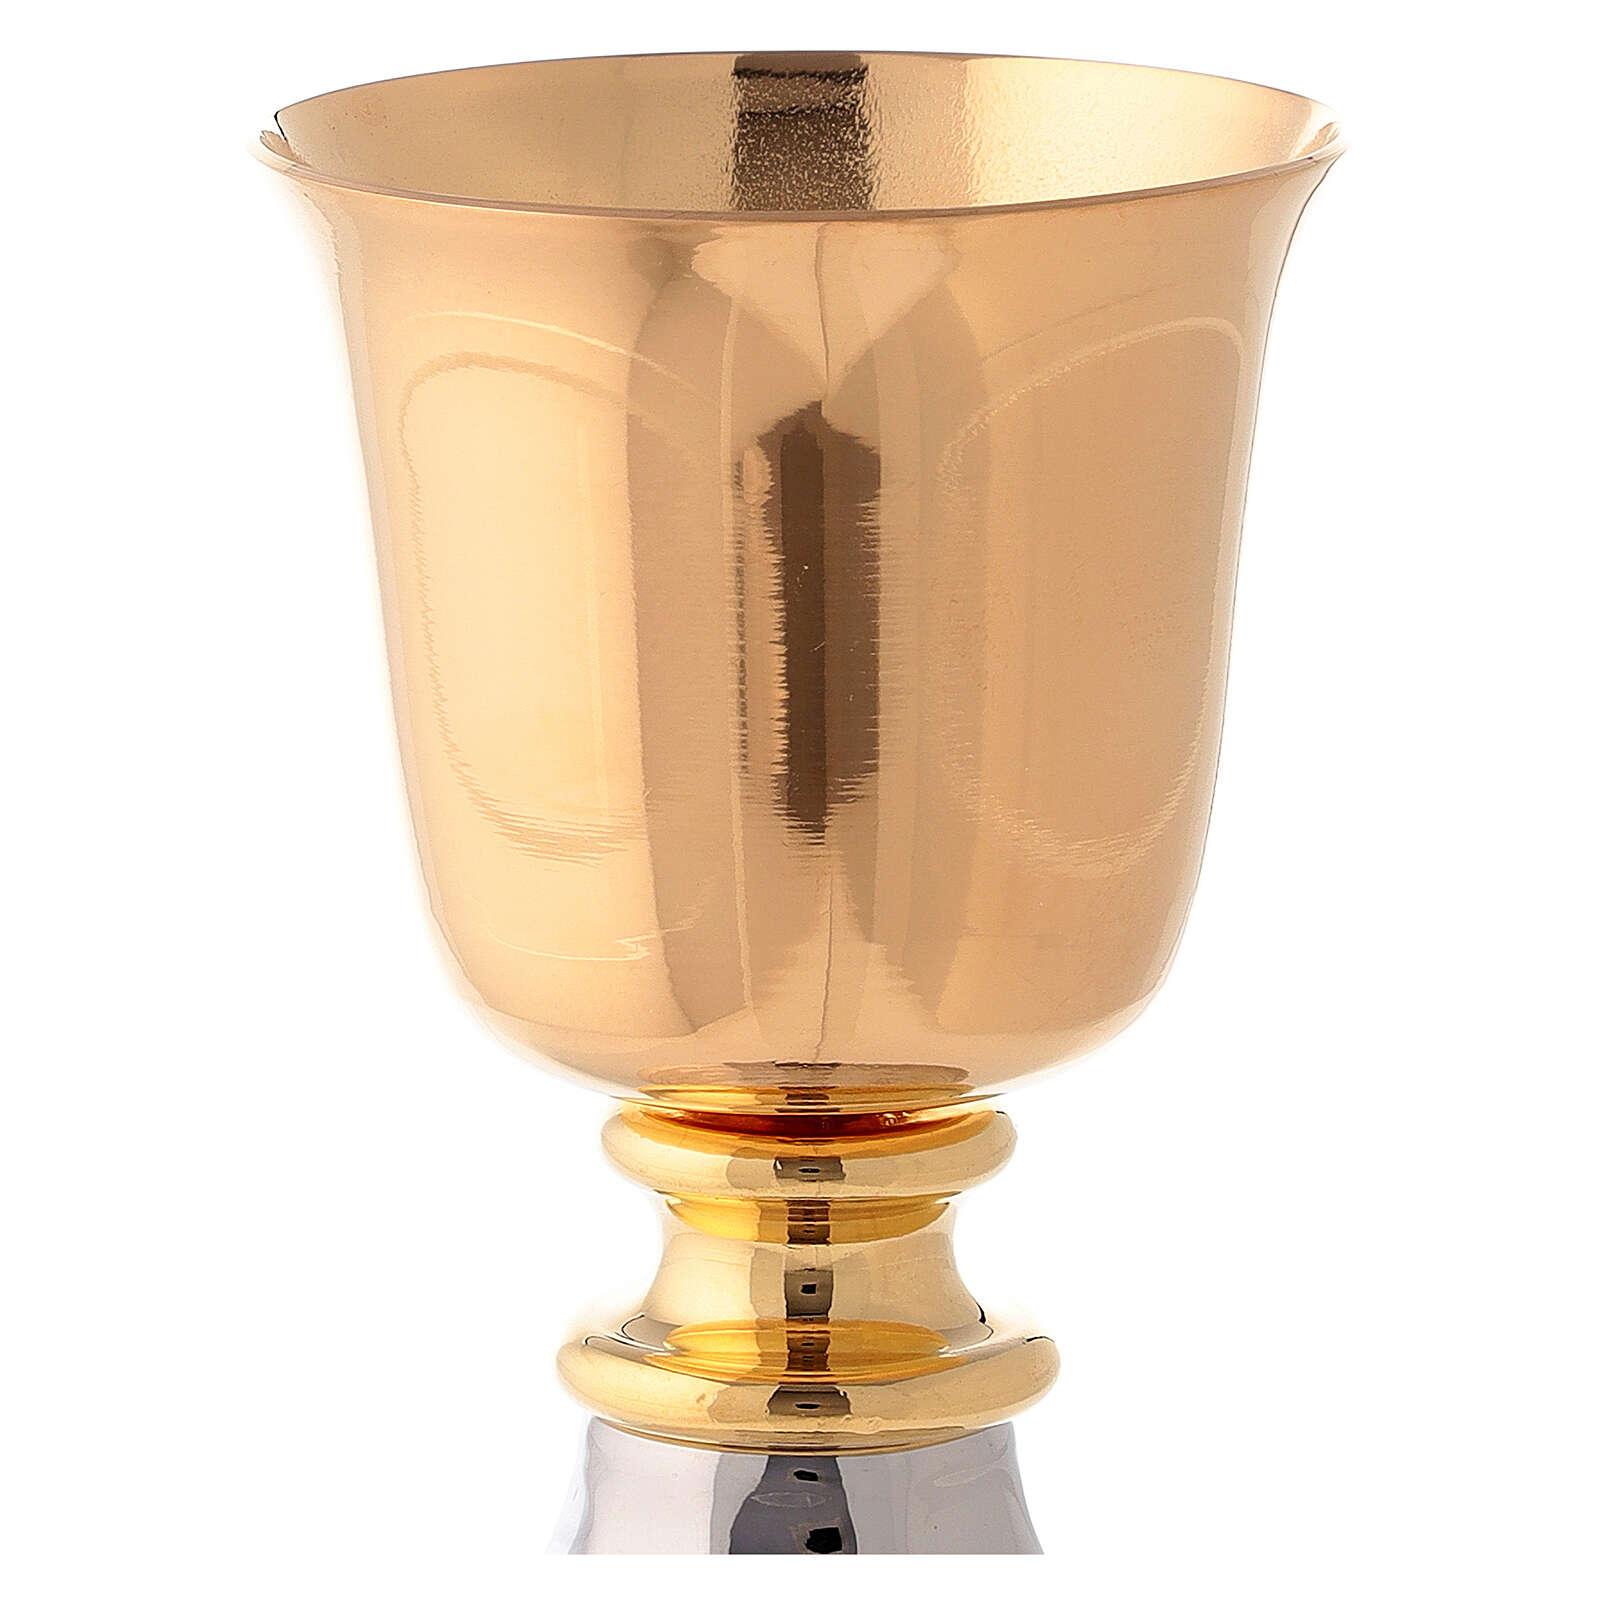 Cáliz latón dorado de viaje 10 cm base martillada tono plata 4